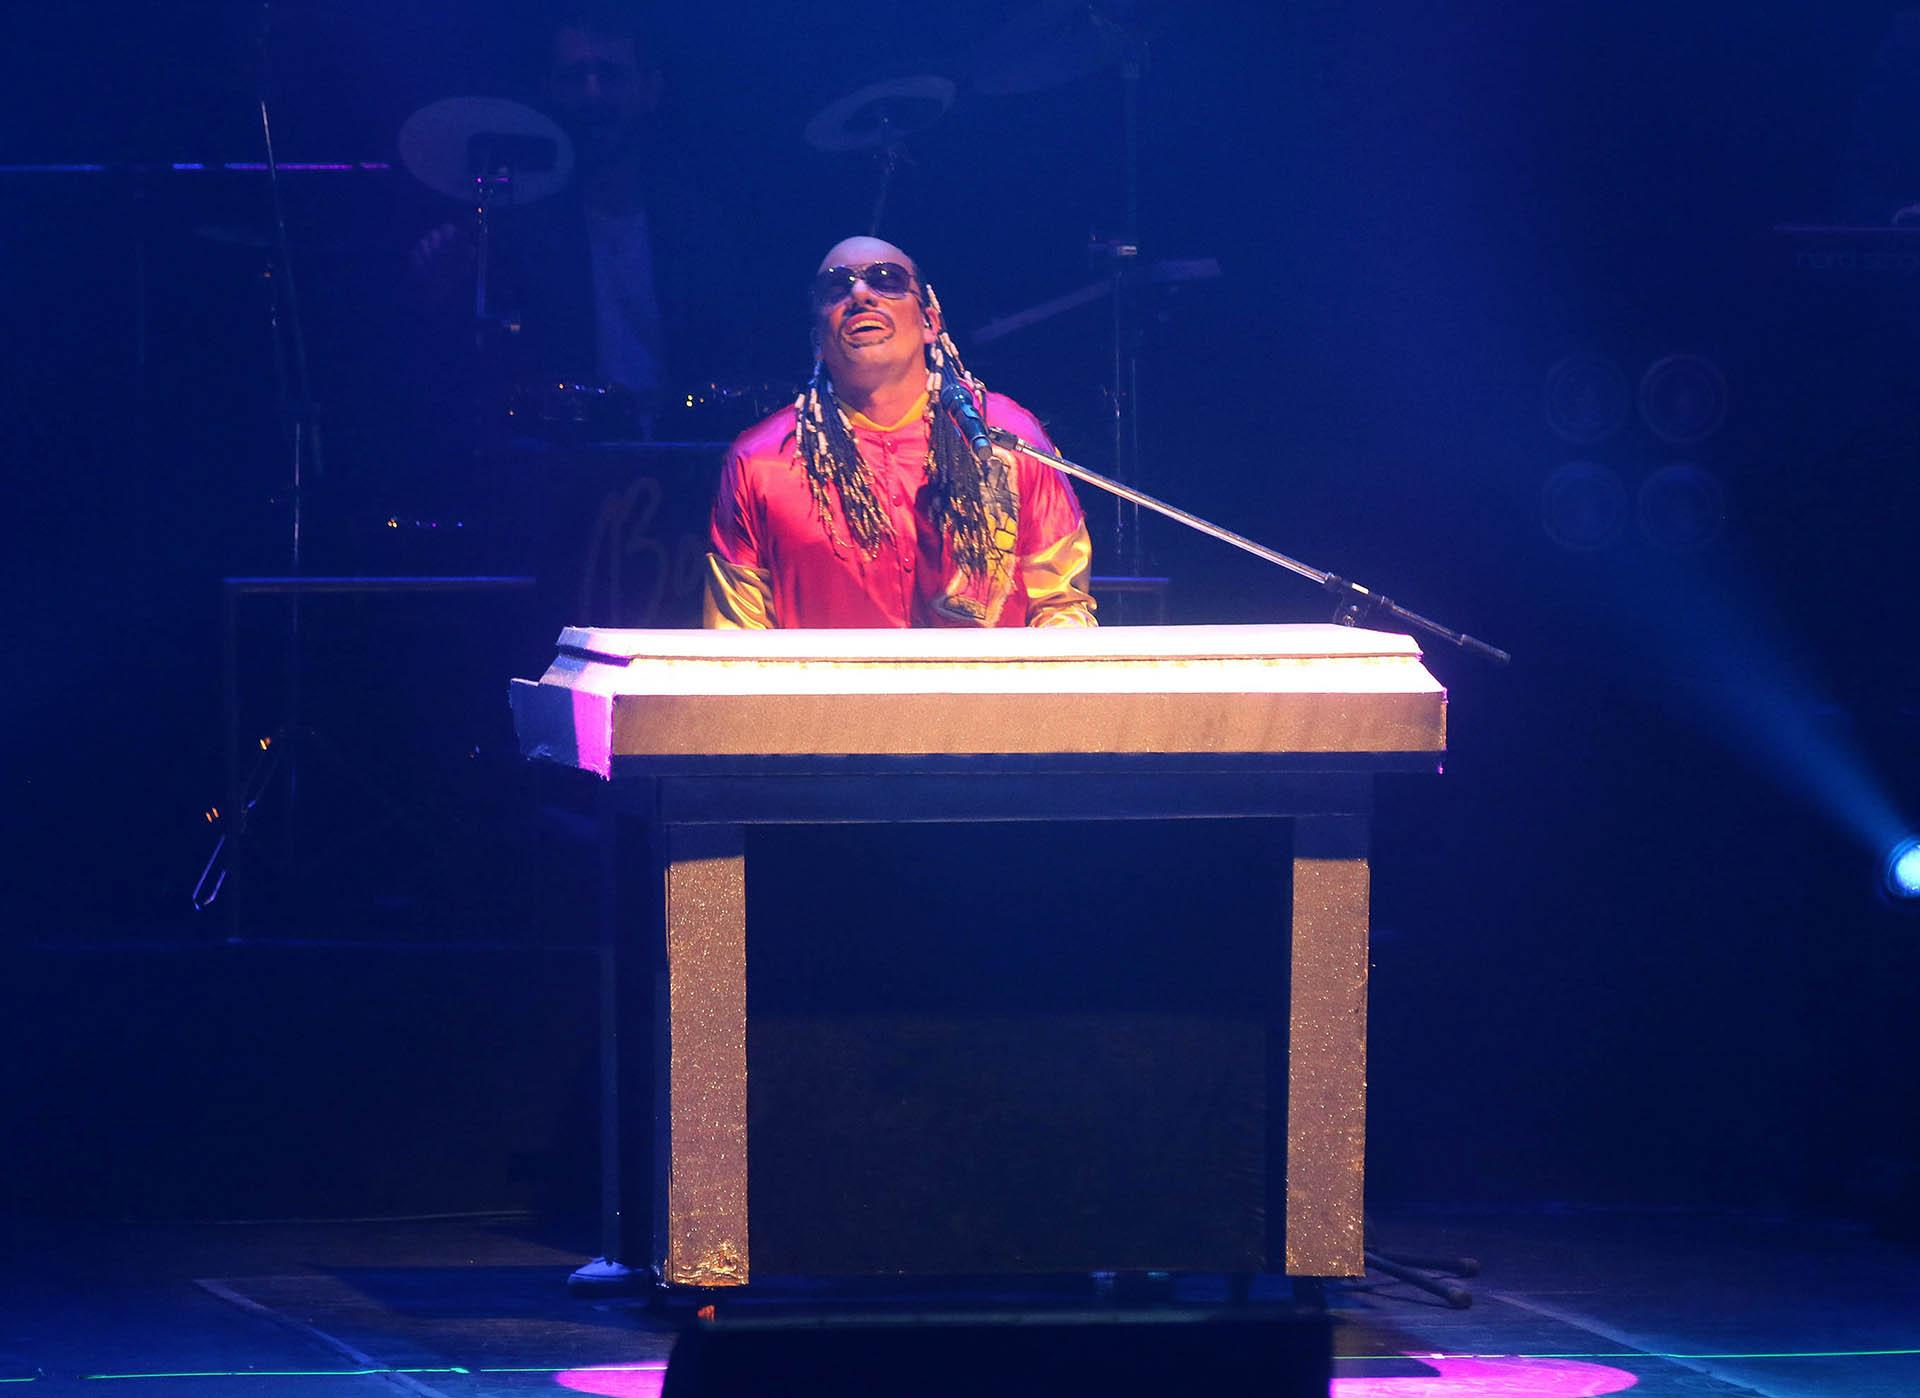 La imitación a Stevie Wonder